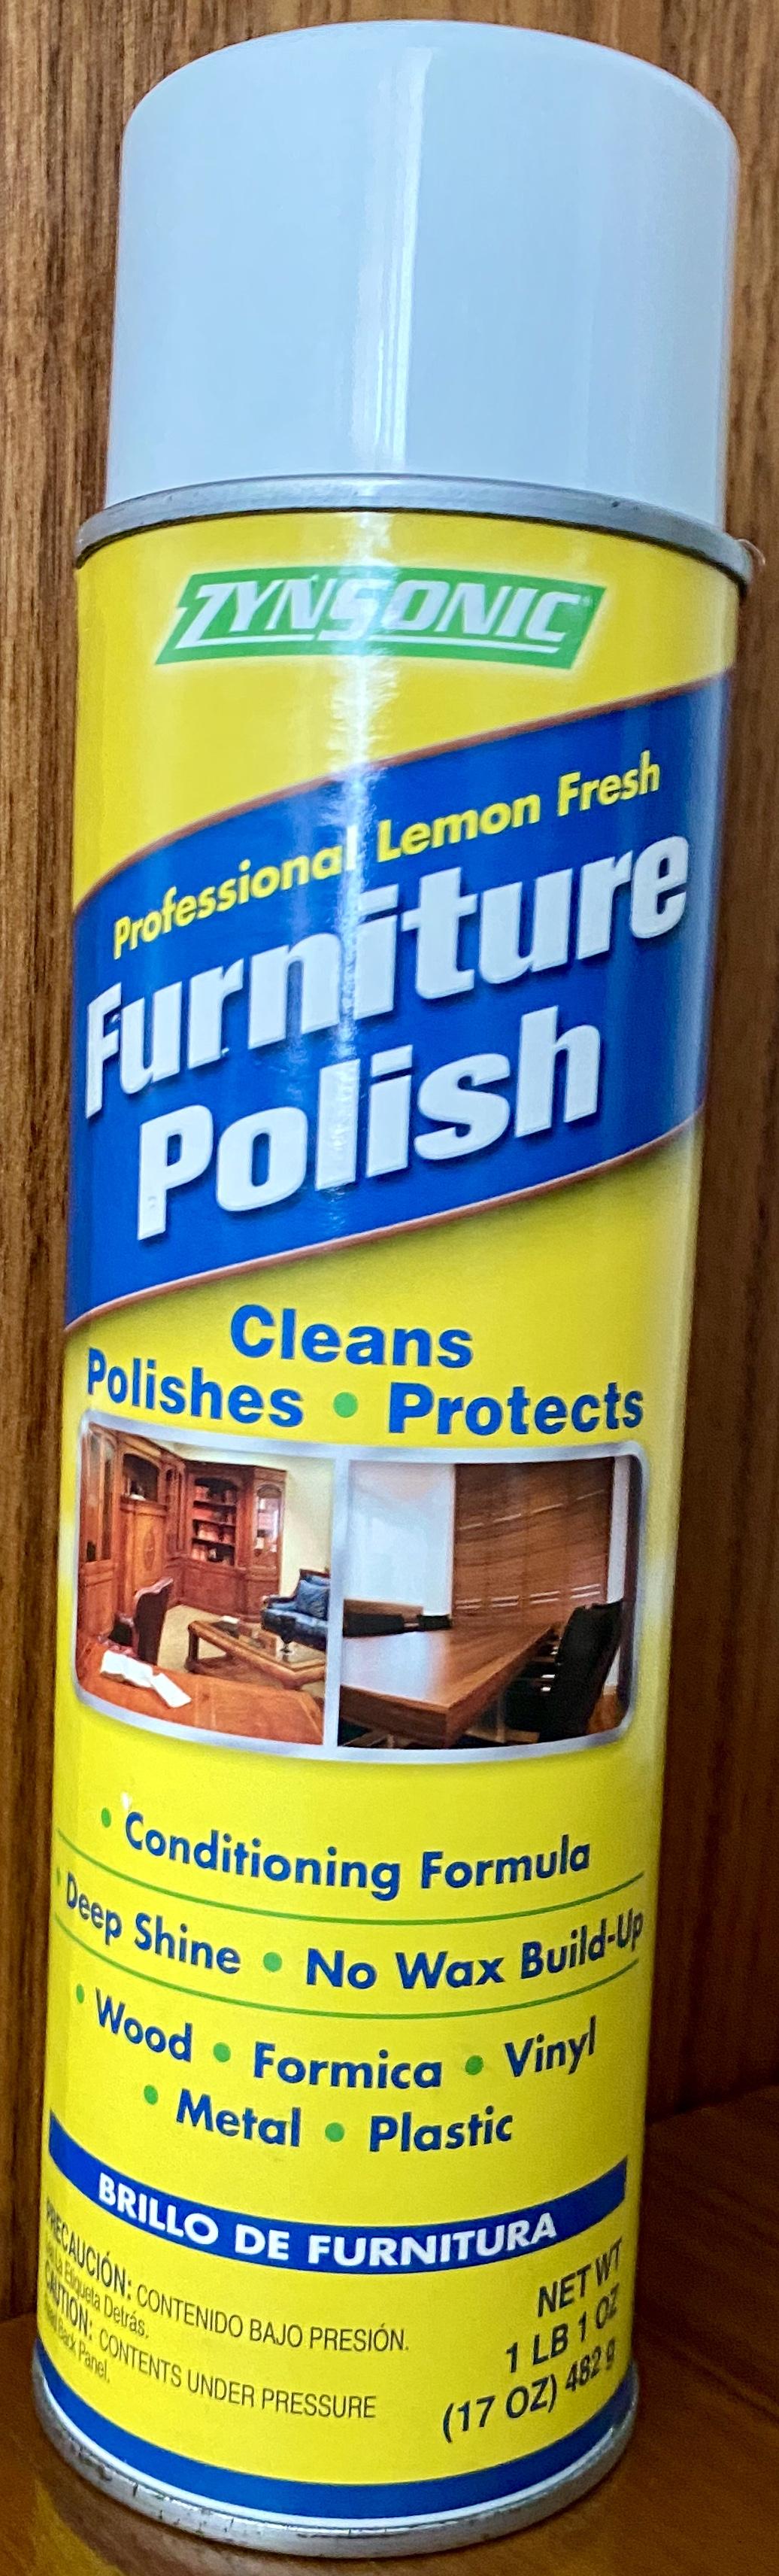 Pulimento para muebles, brillo duradero